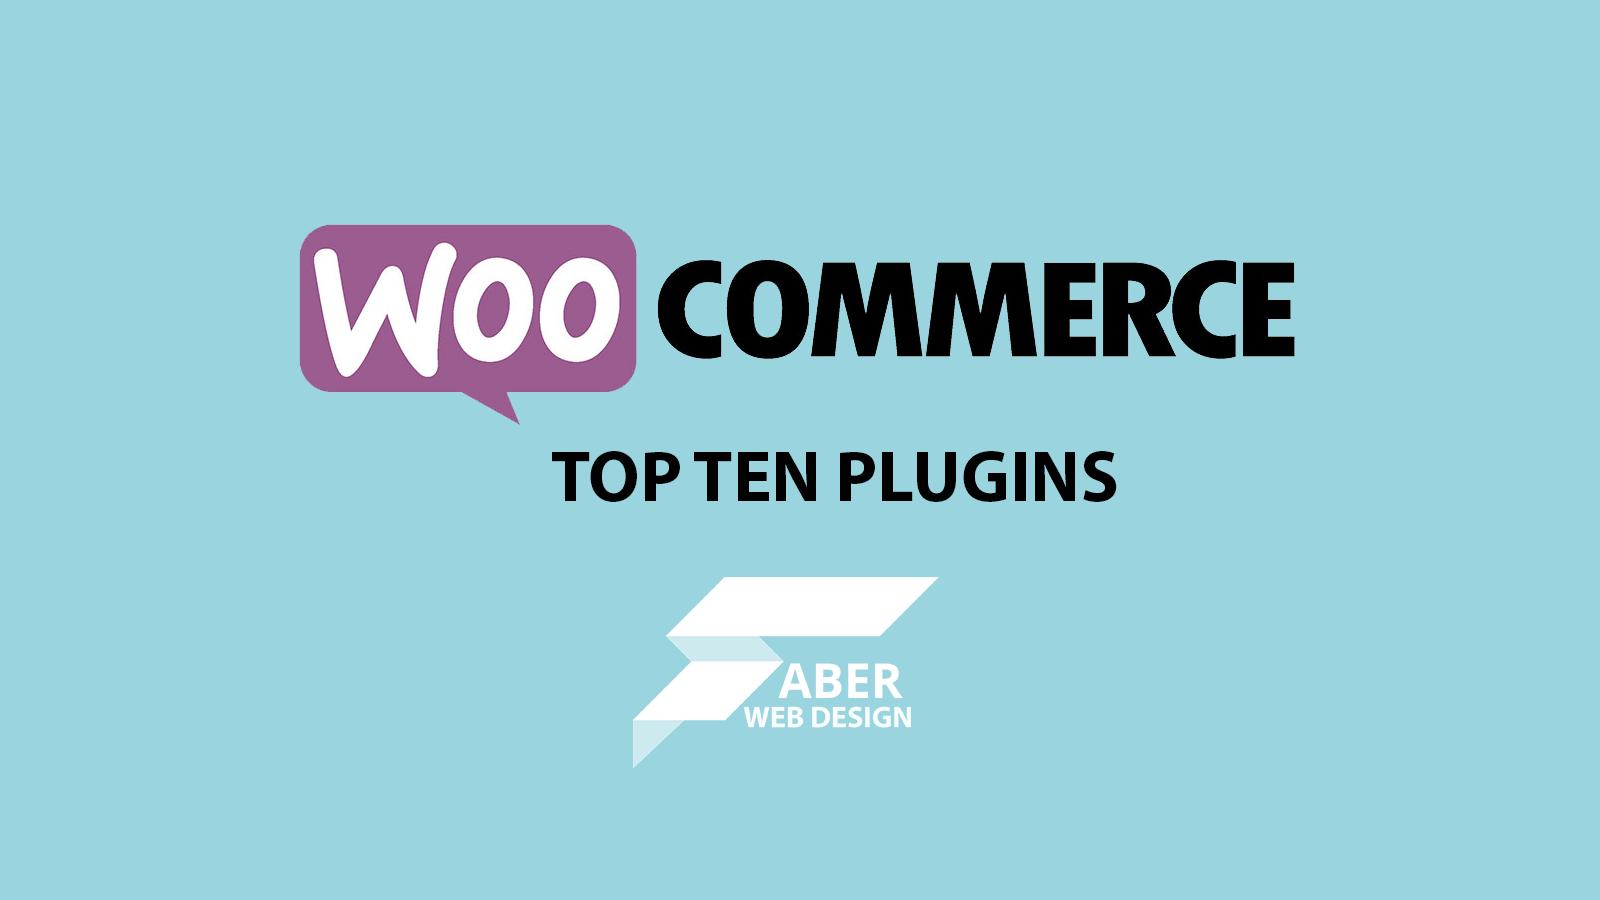 Top 10 WooCommerce Plugins